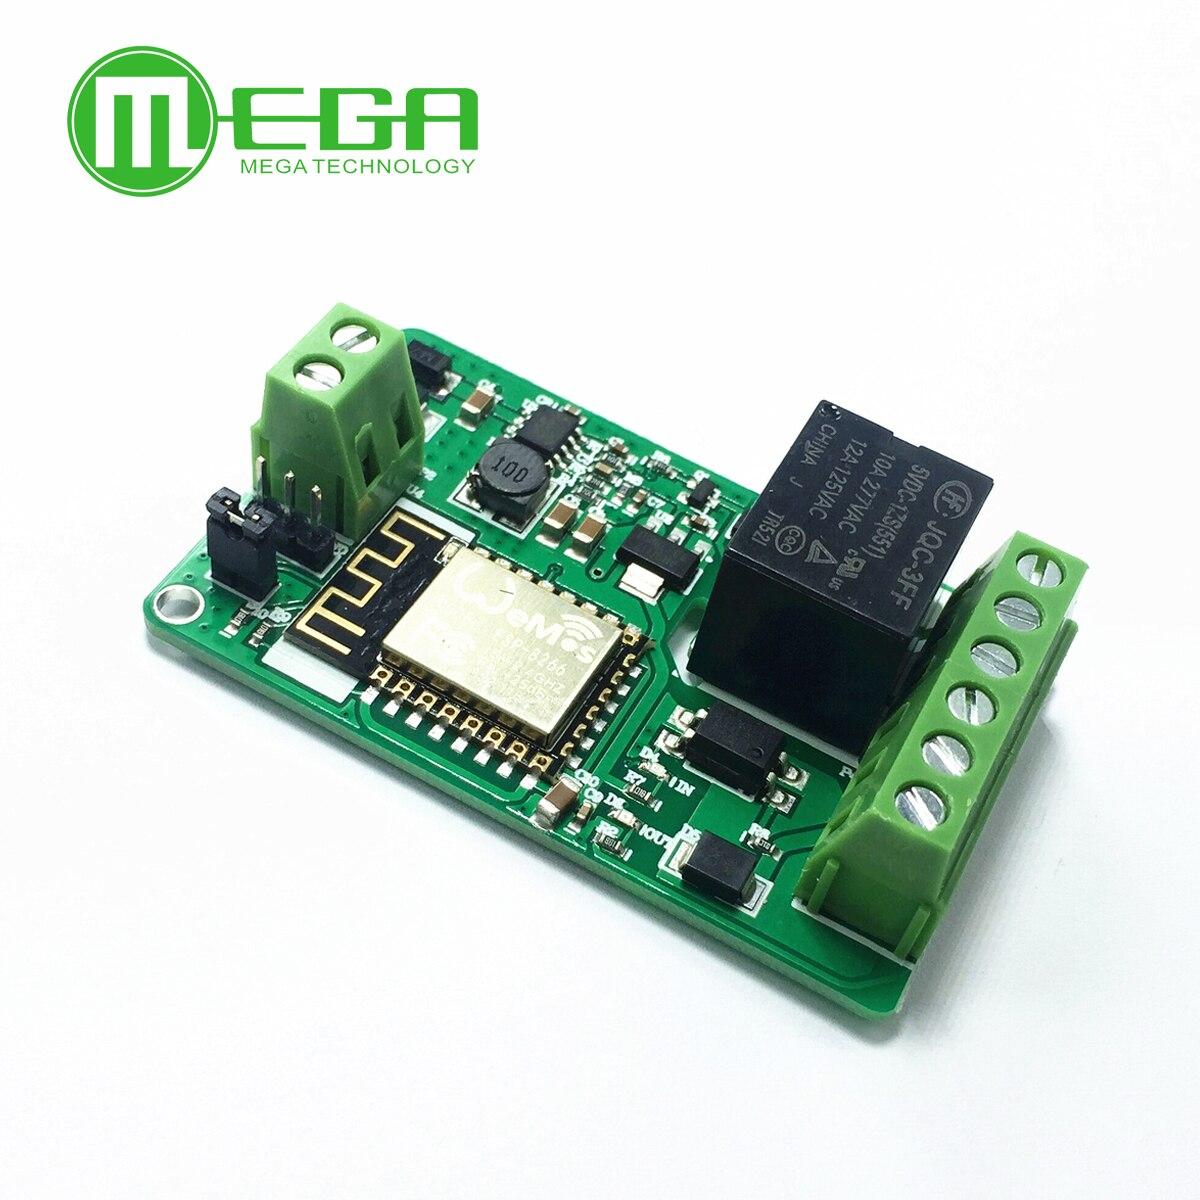 Verde esp8266 10a 220v rede relé módulo wifi entrada dc 7v modules 30v módulos